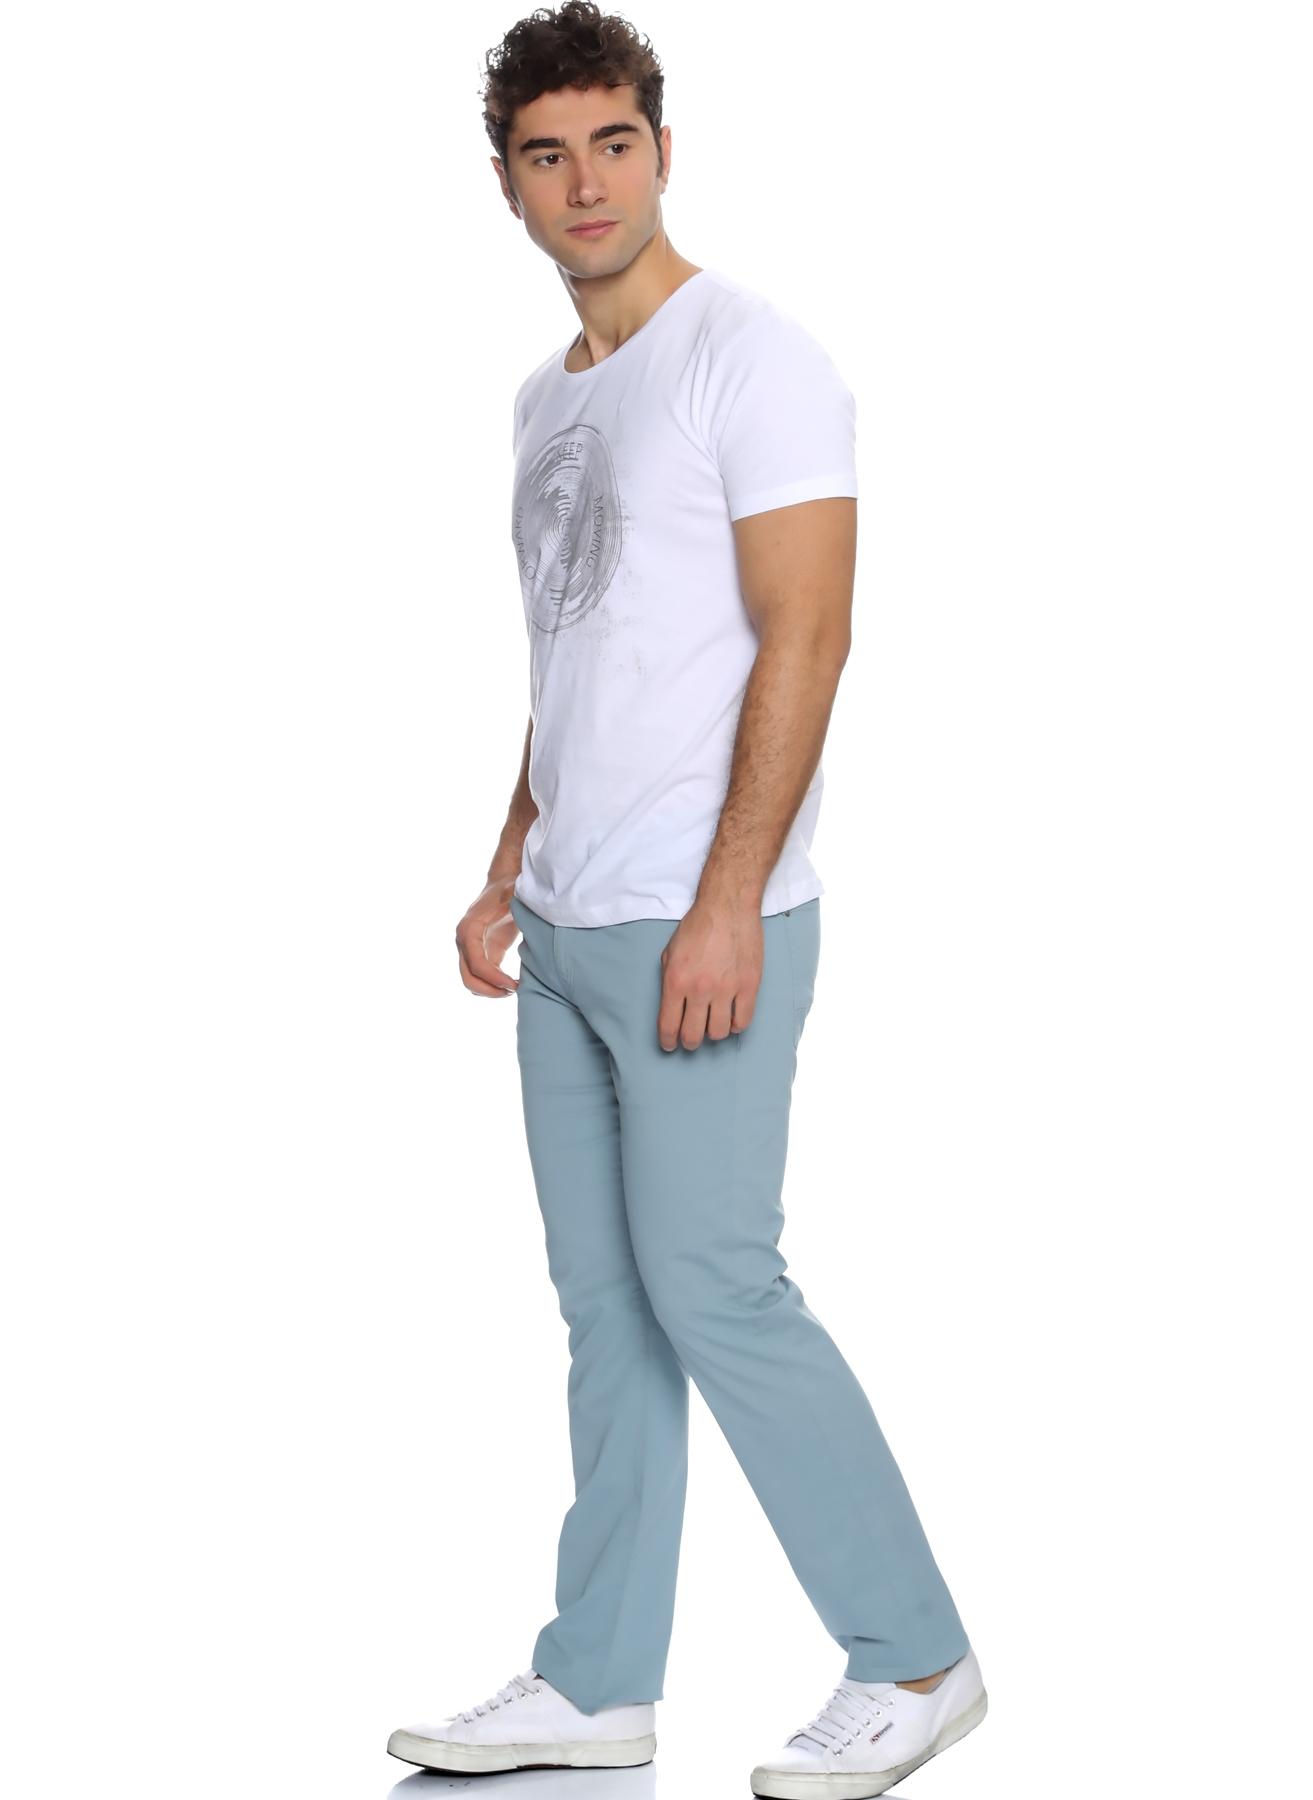 Mavi Denim Pantolon 28-32 5000352940002 Ürün Resmi